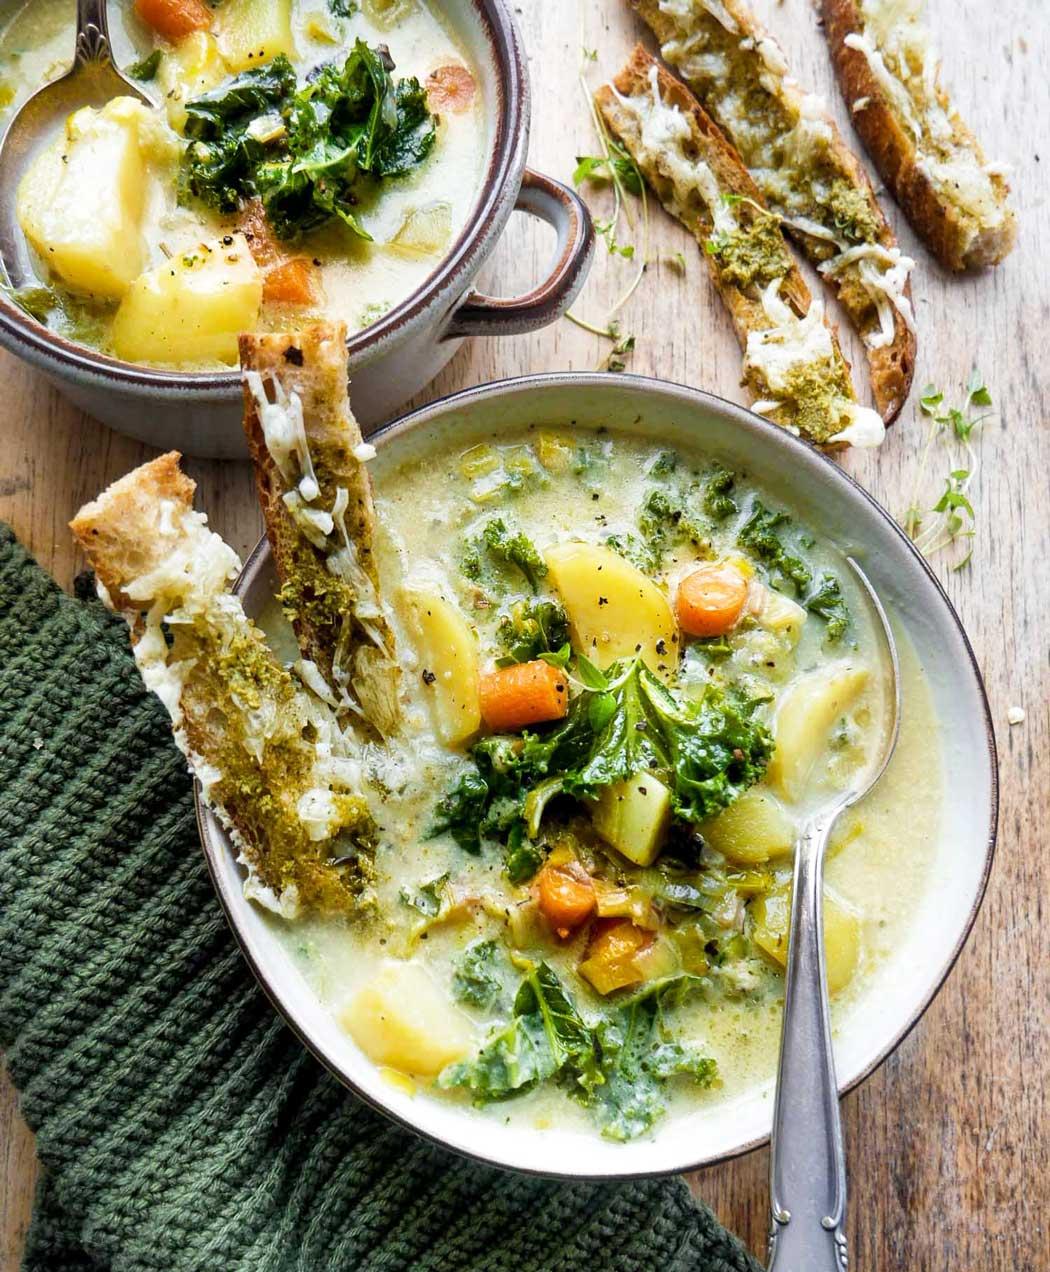 grøntsagssuppe opskrift med grøntsager og brød stænger